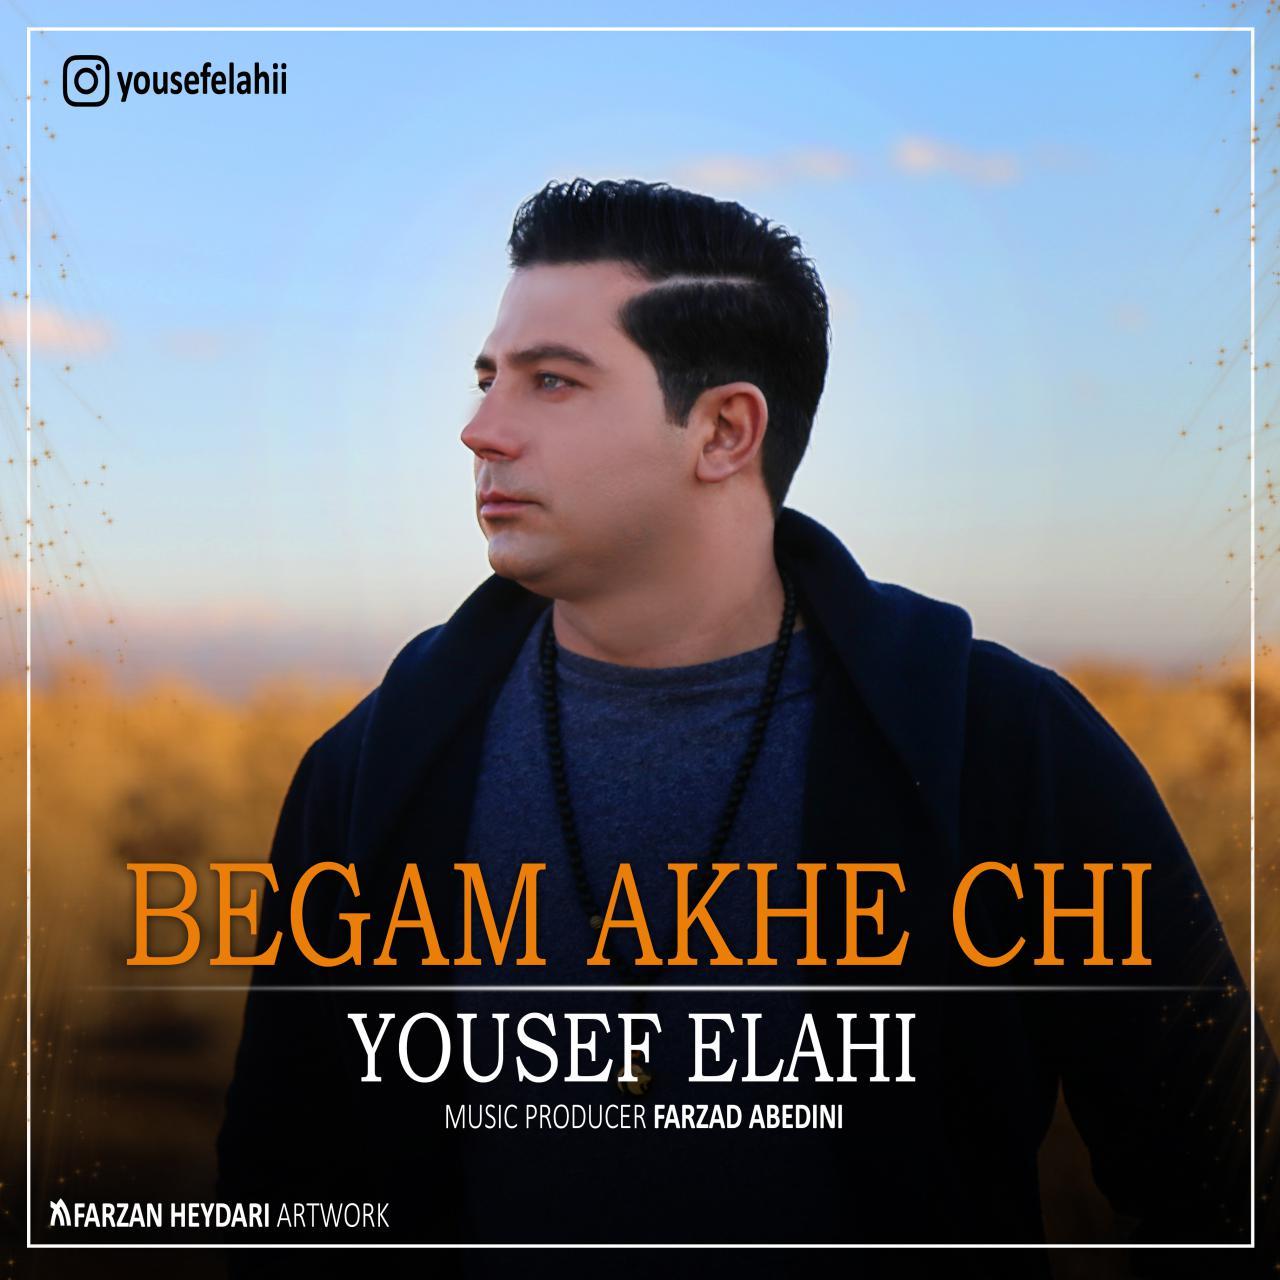 Yousef Elahi - Begam Akhe Chi Music | آهنگ  یوسف الهی - بگم آخه چی